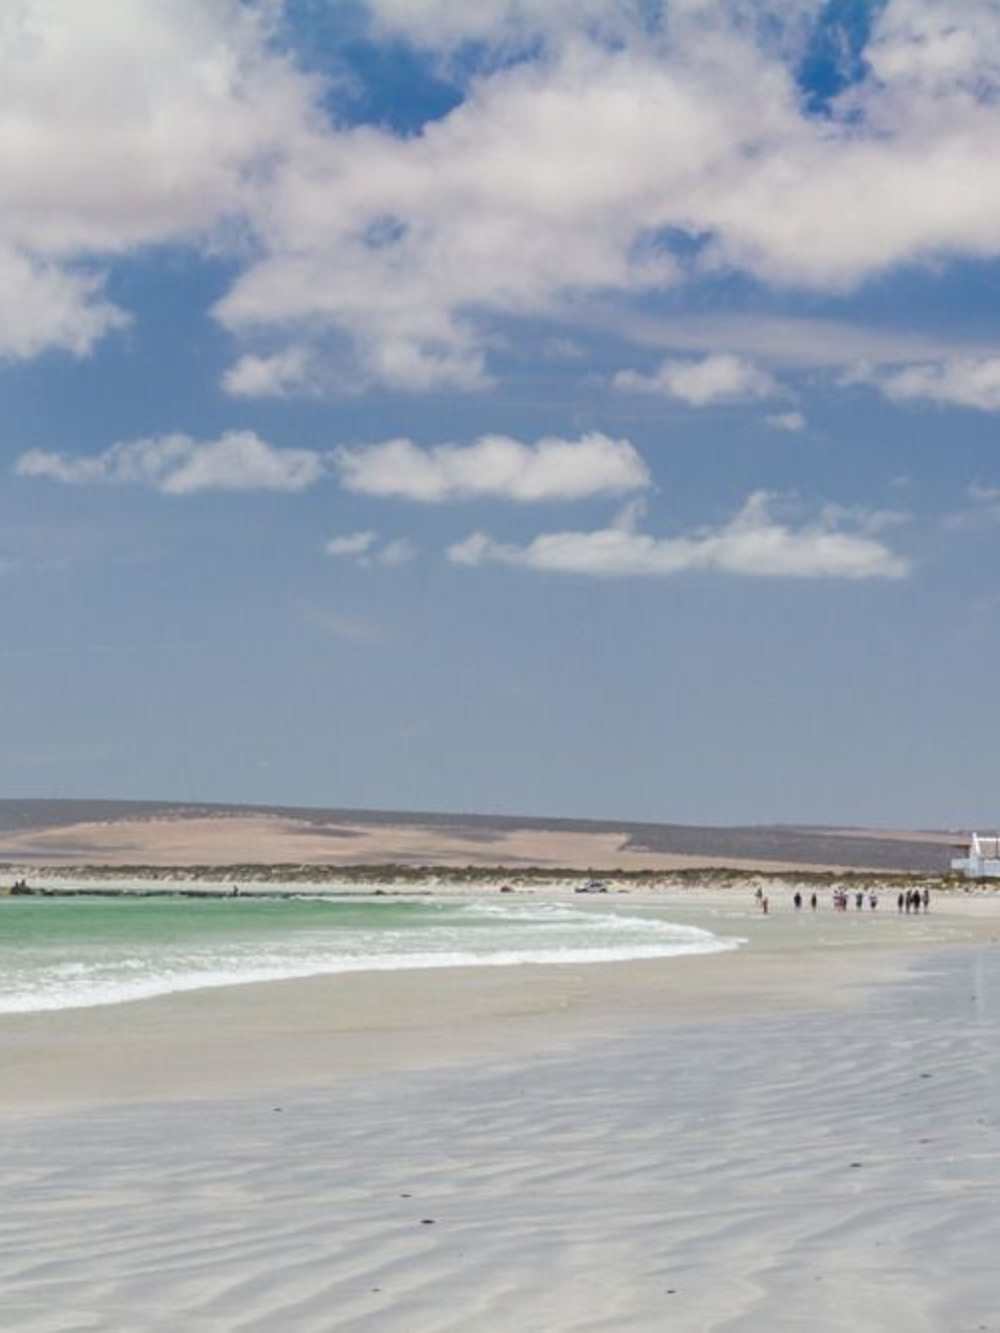 Plage de Paternoster où se situe le Wolfgat, sur la côte sud africaine, iStock